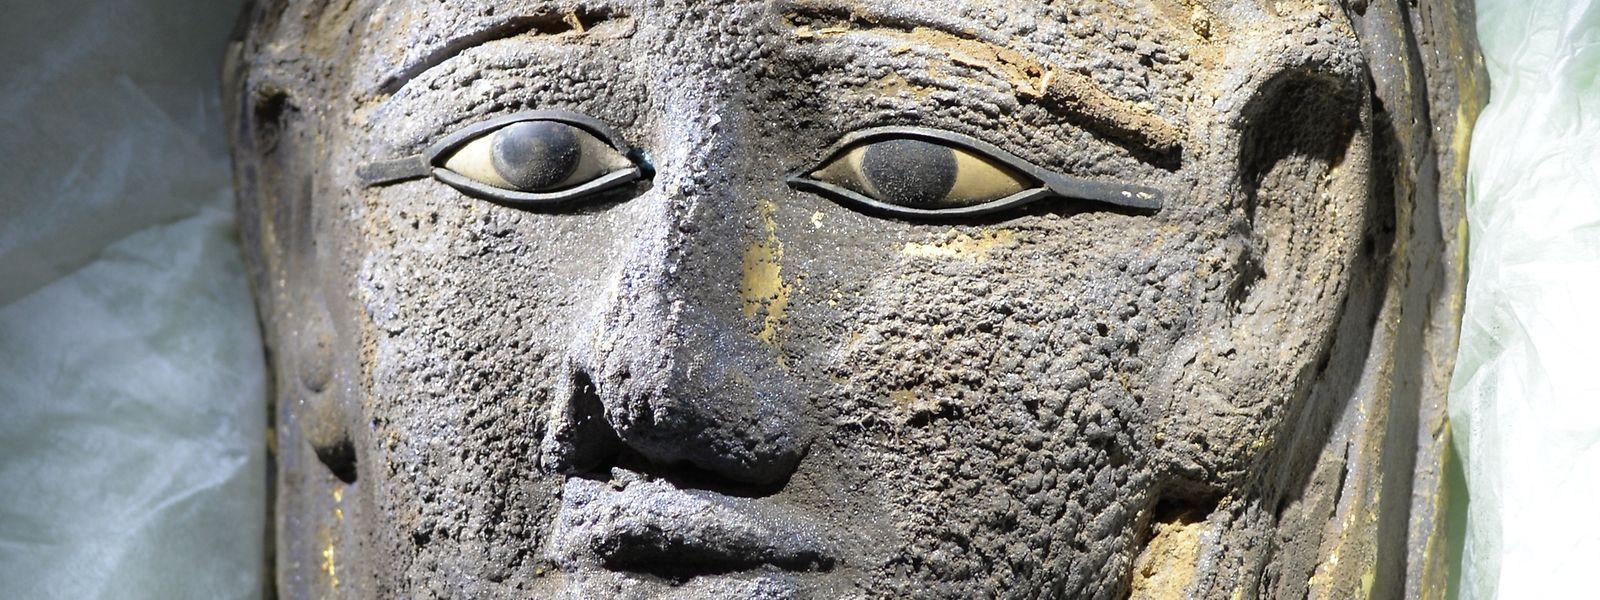 Eine vergoldete Mumienmaske aus saitisch-persischer Zeit (664-404 v.Chr). Die Maske wurde in einer ausgedehnten Grabanlage gefunden, die seit 2016 von Ägyptologen der Universiät Tübingen (Baden-Württemberg) untersucht wird.